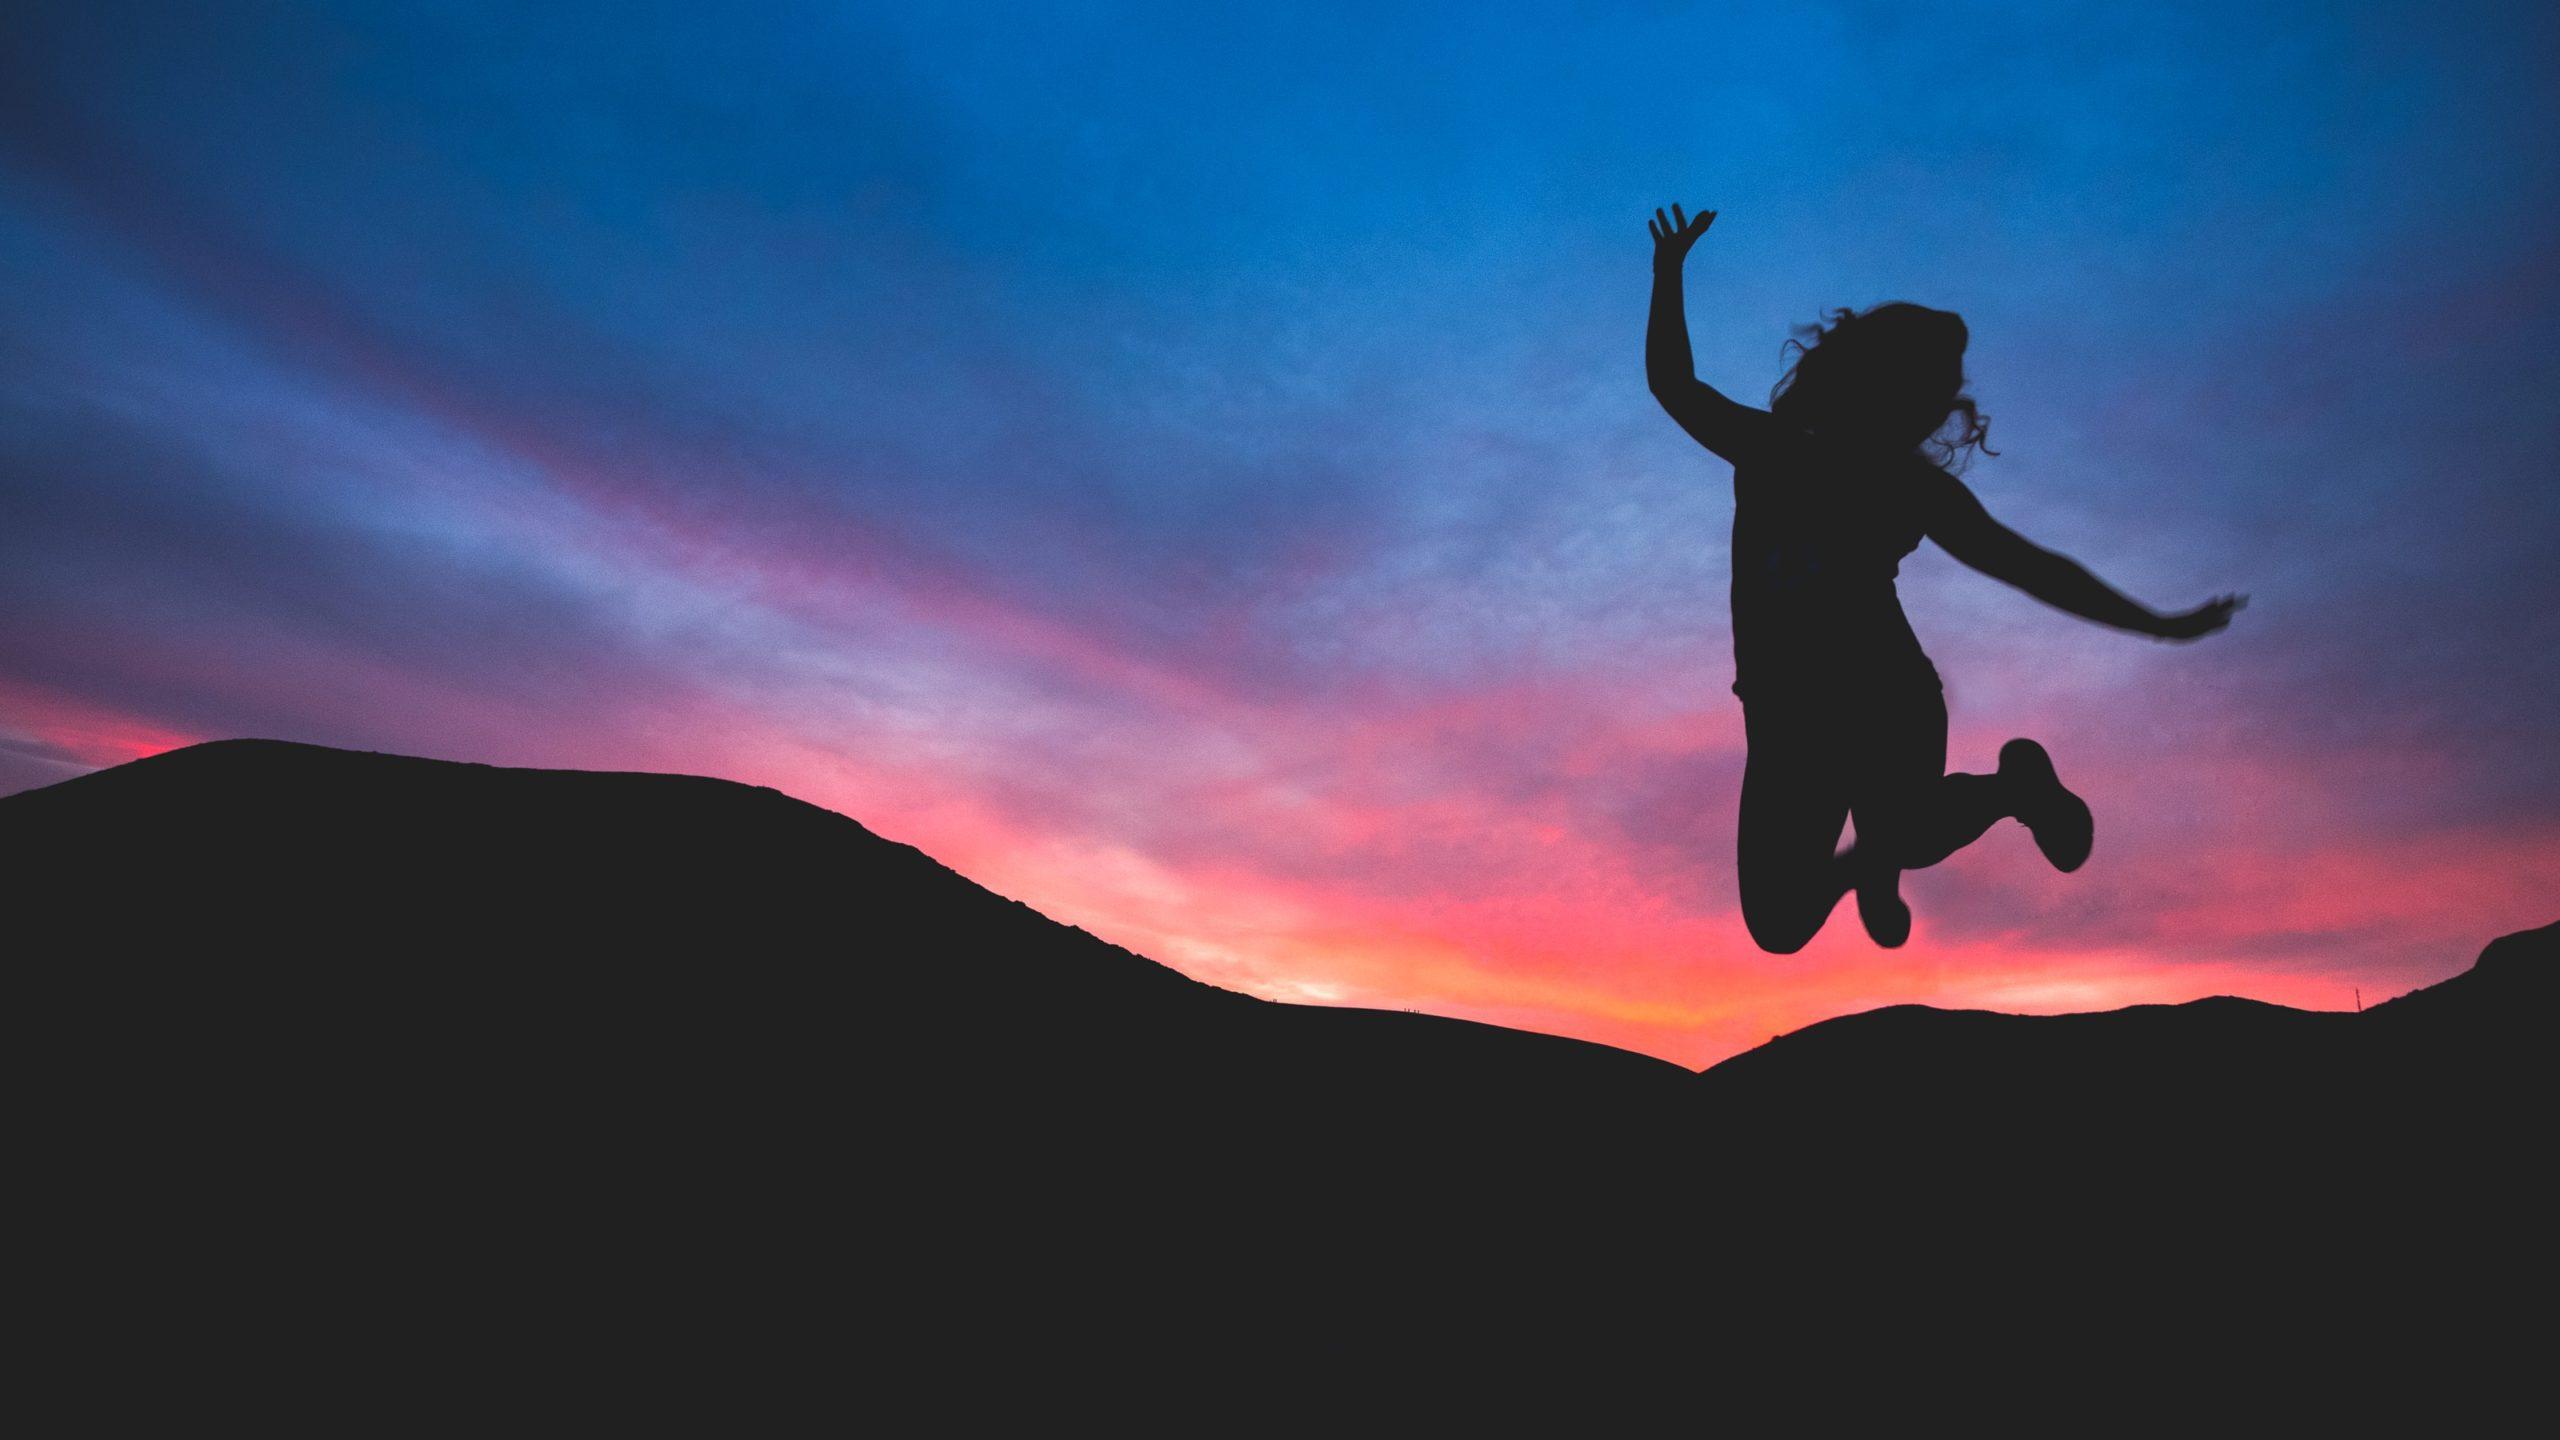 Silhouette einer Frau, die im Sonnenuntergang über eine Berg-Silhouette springt und Freude ausdrückt.